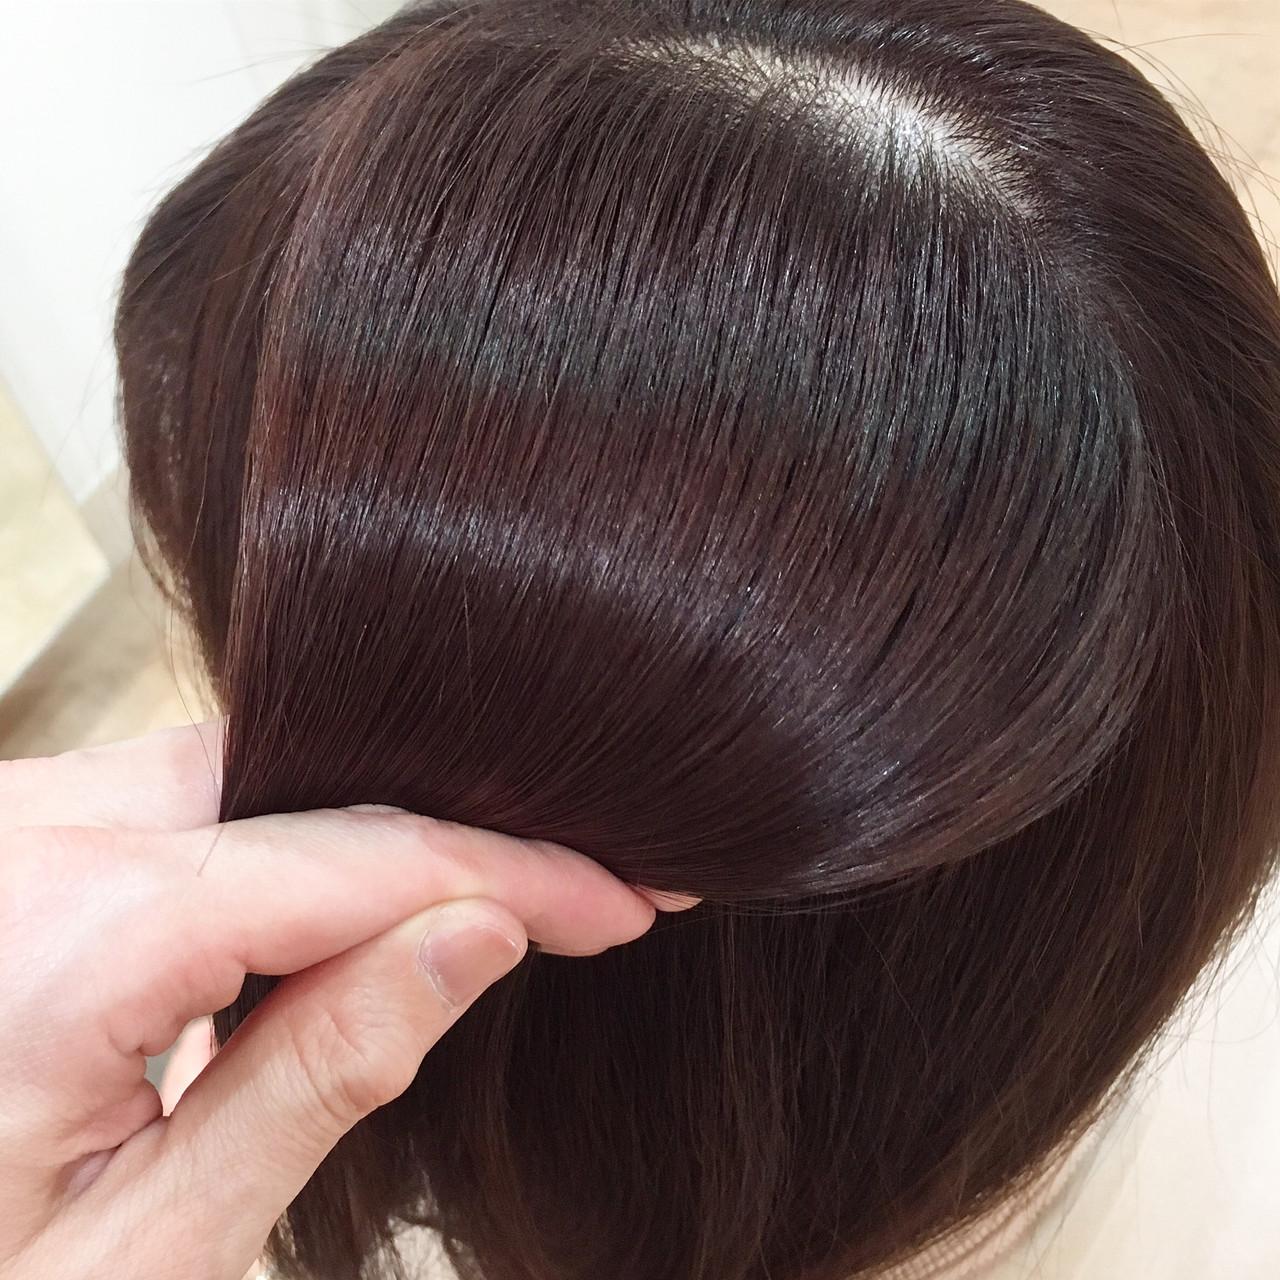 ツヤ髪 フェミニン オフィス ピンク ヘアスタイルや髪型の写真・画像